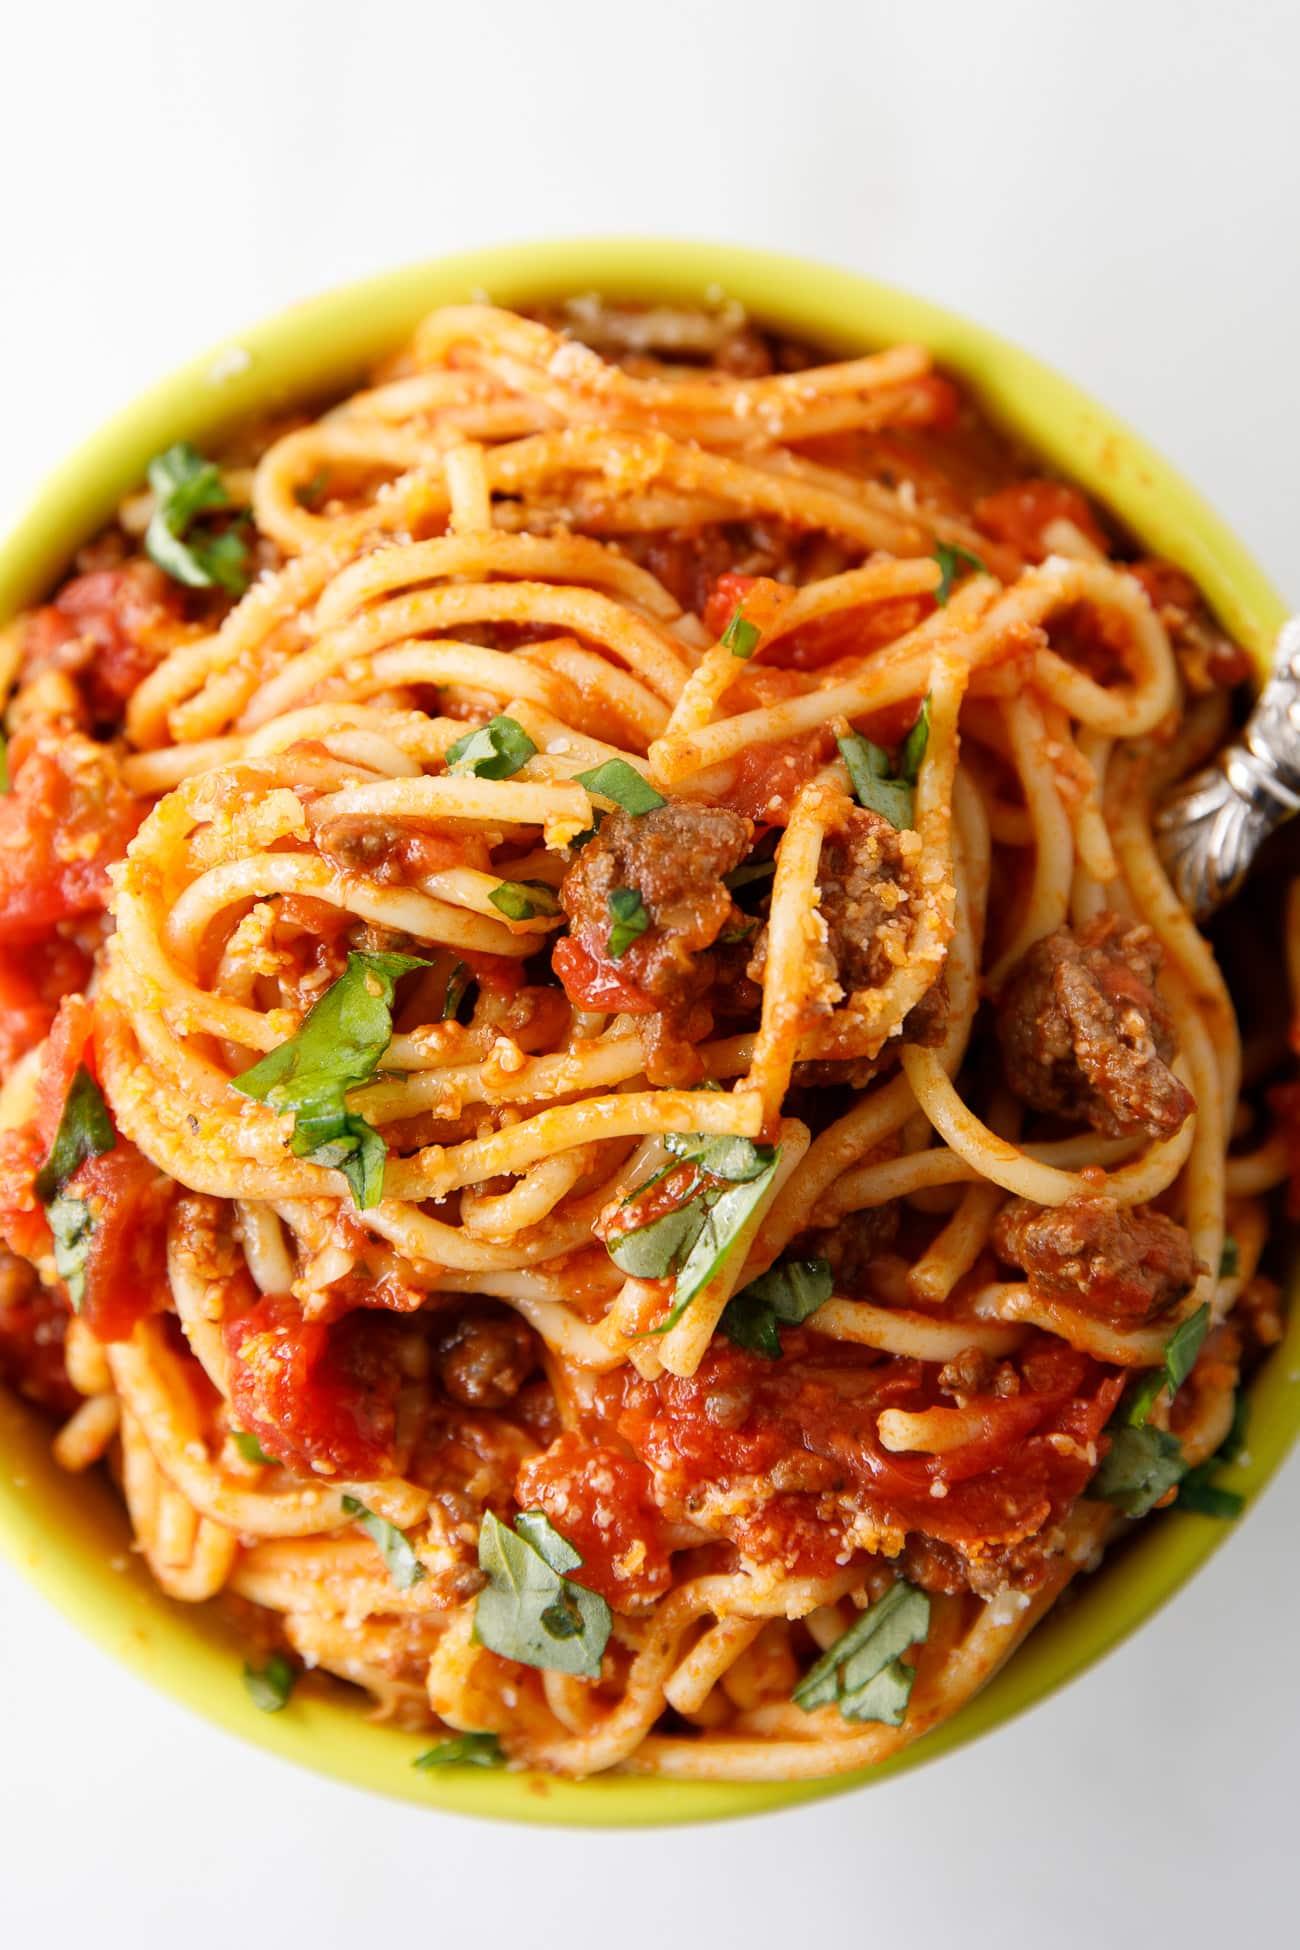 Instant Pot Spaghetti Best Instant Pot Spaghetti Recipe